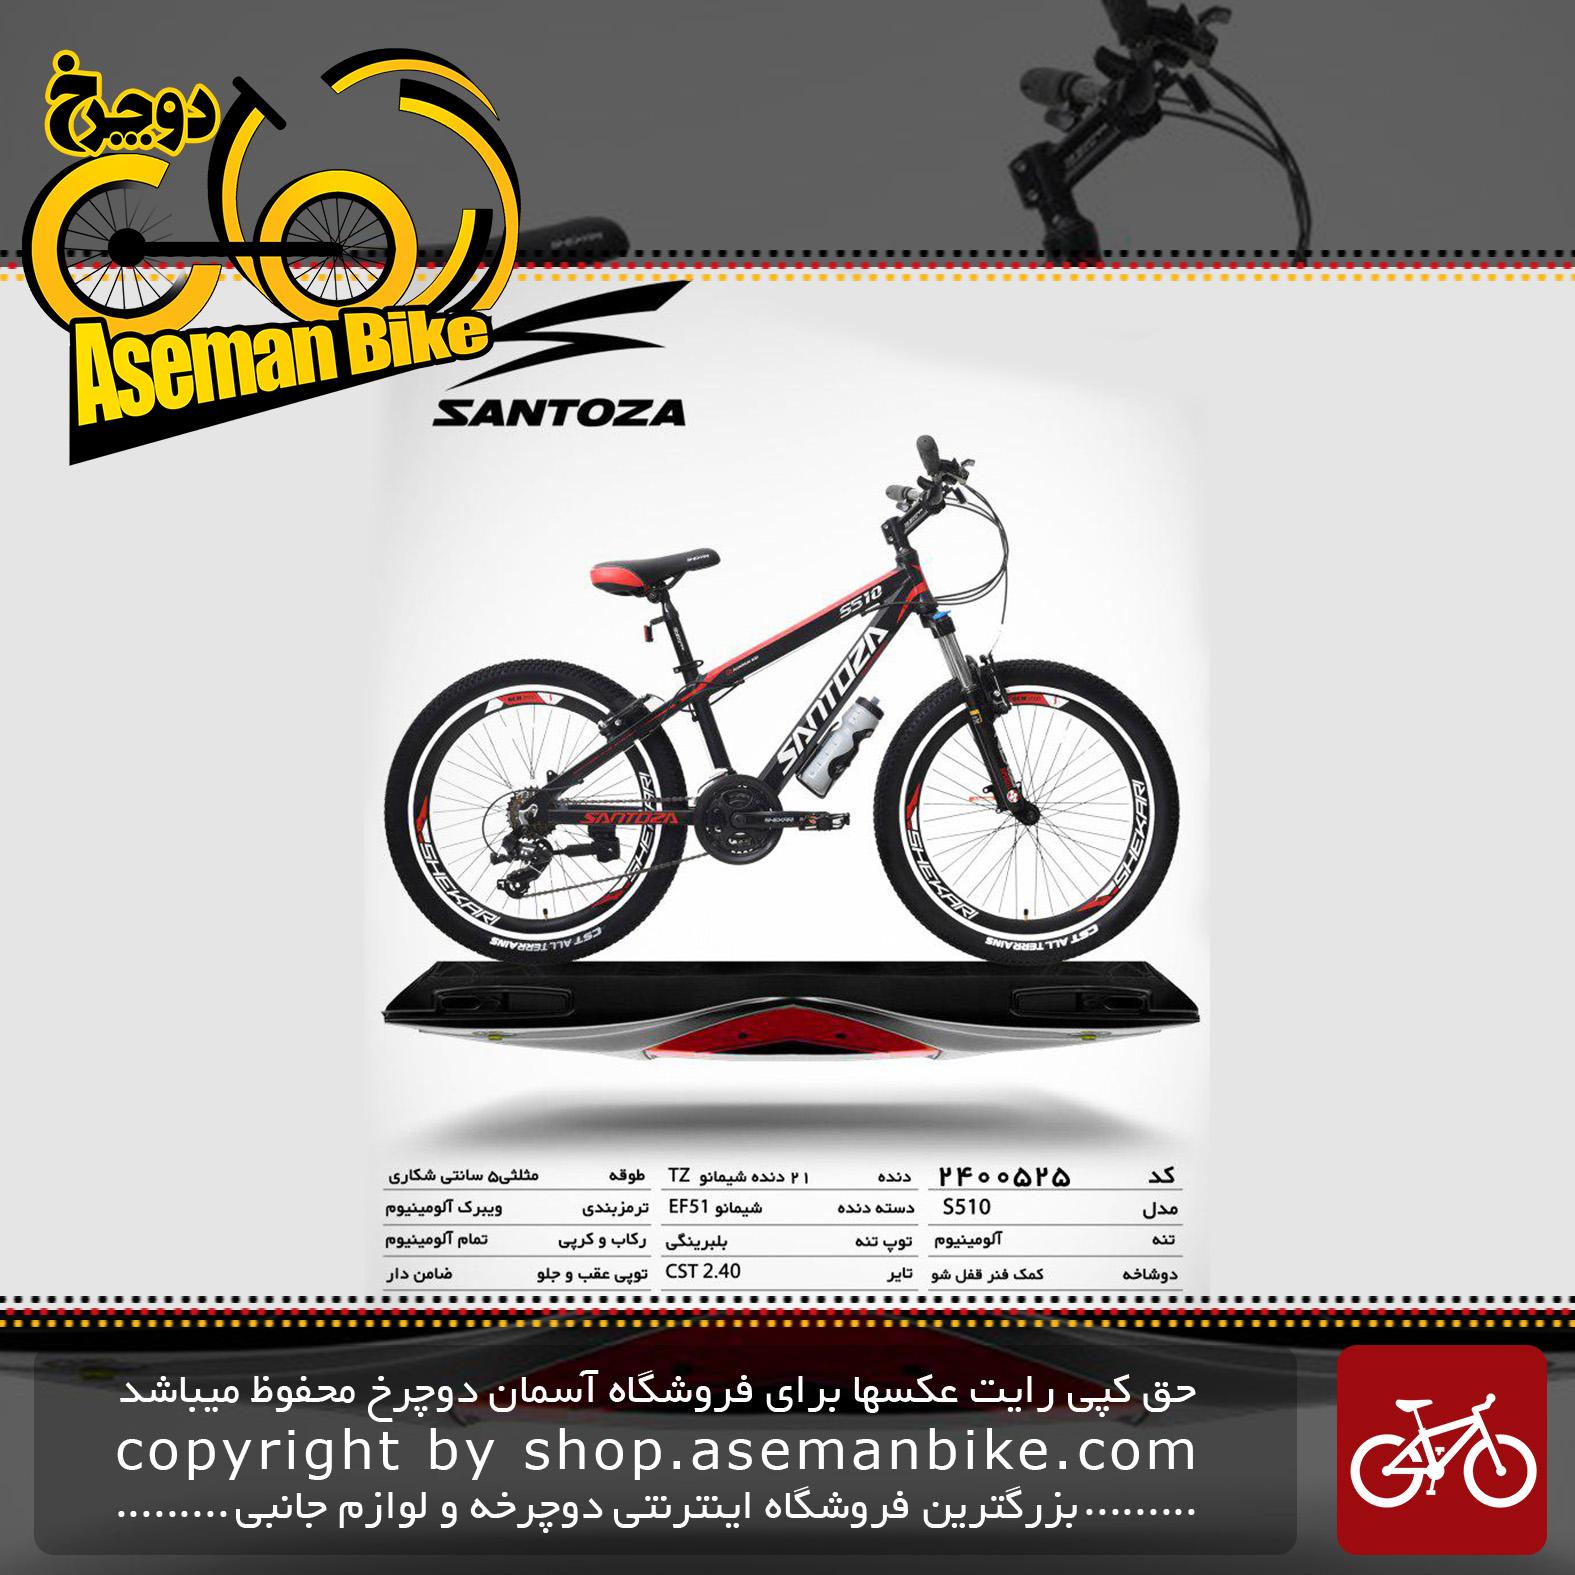 دوچرخه کوهستان سانتوزا 21 دنده شیمانو تورنی تنه آلومینیوم سایز 24مدل اس510 santoza bicycle 24 21 speed shimano tourney tz aluminum vb s510 2019